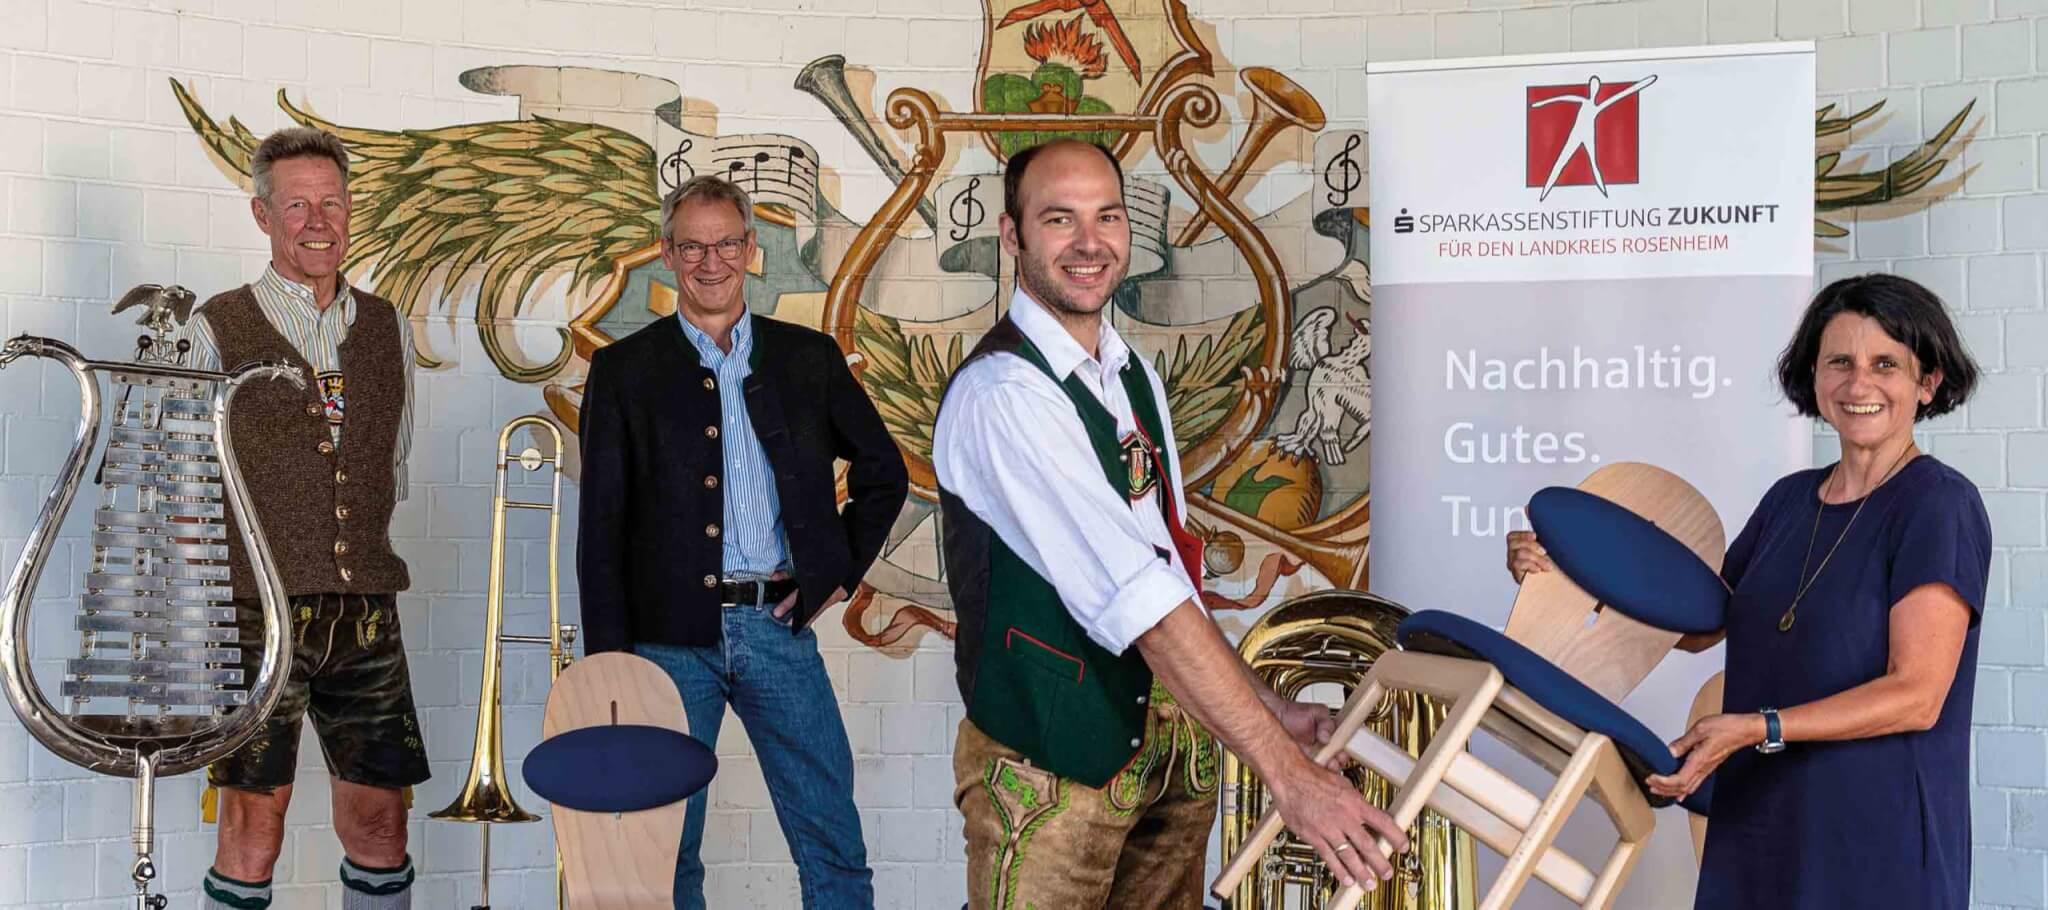 Kulturelles Leben in Brannenburg kann Fahrt aufnehmen!